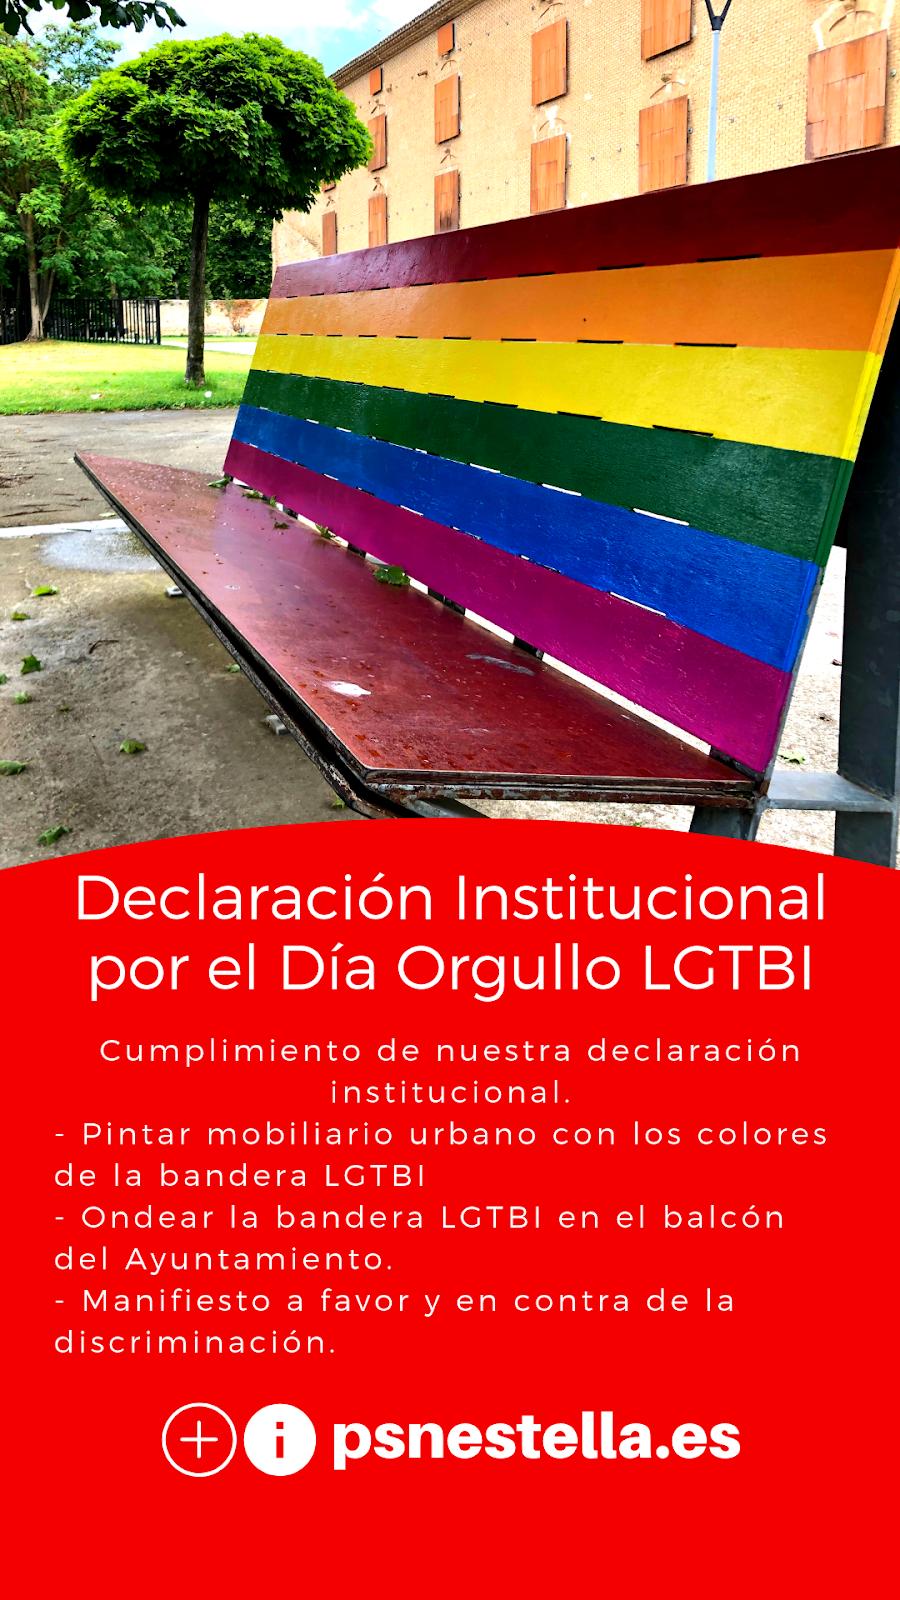 Orgullo LGTBI 2019